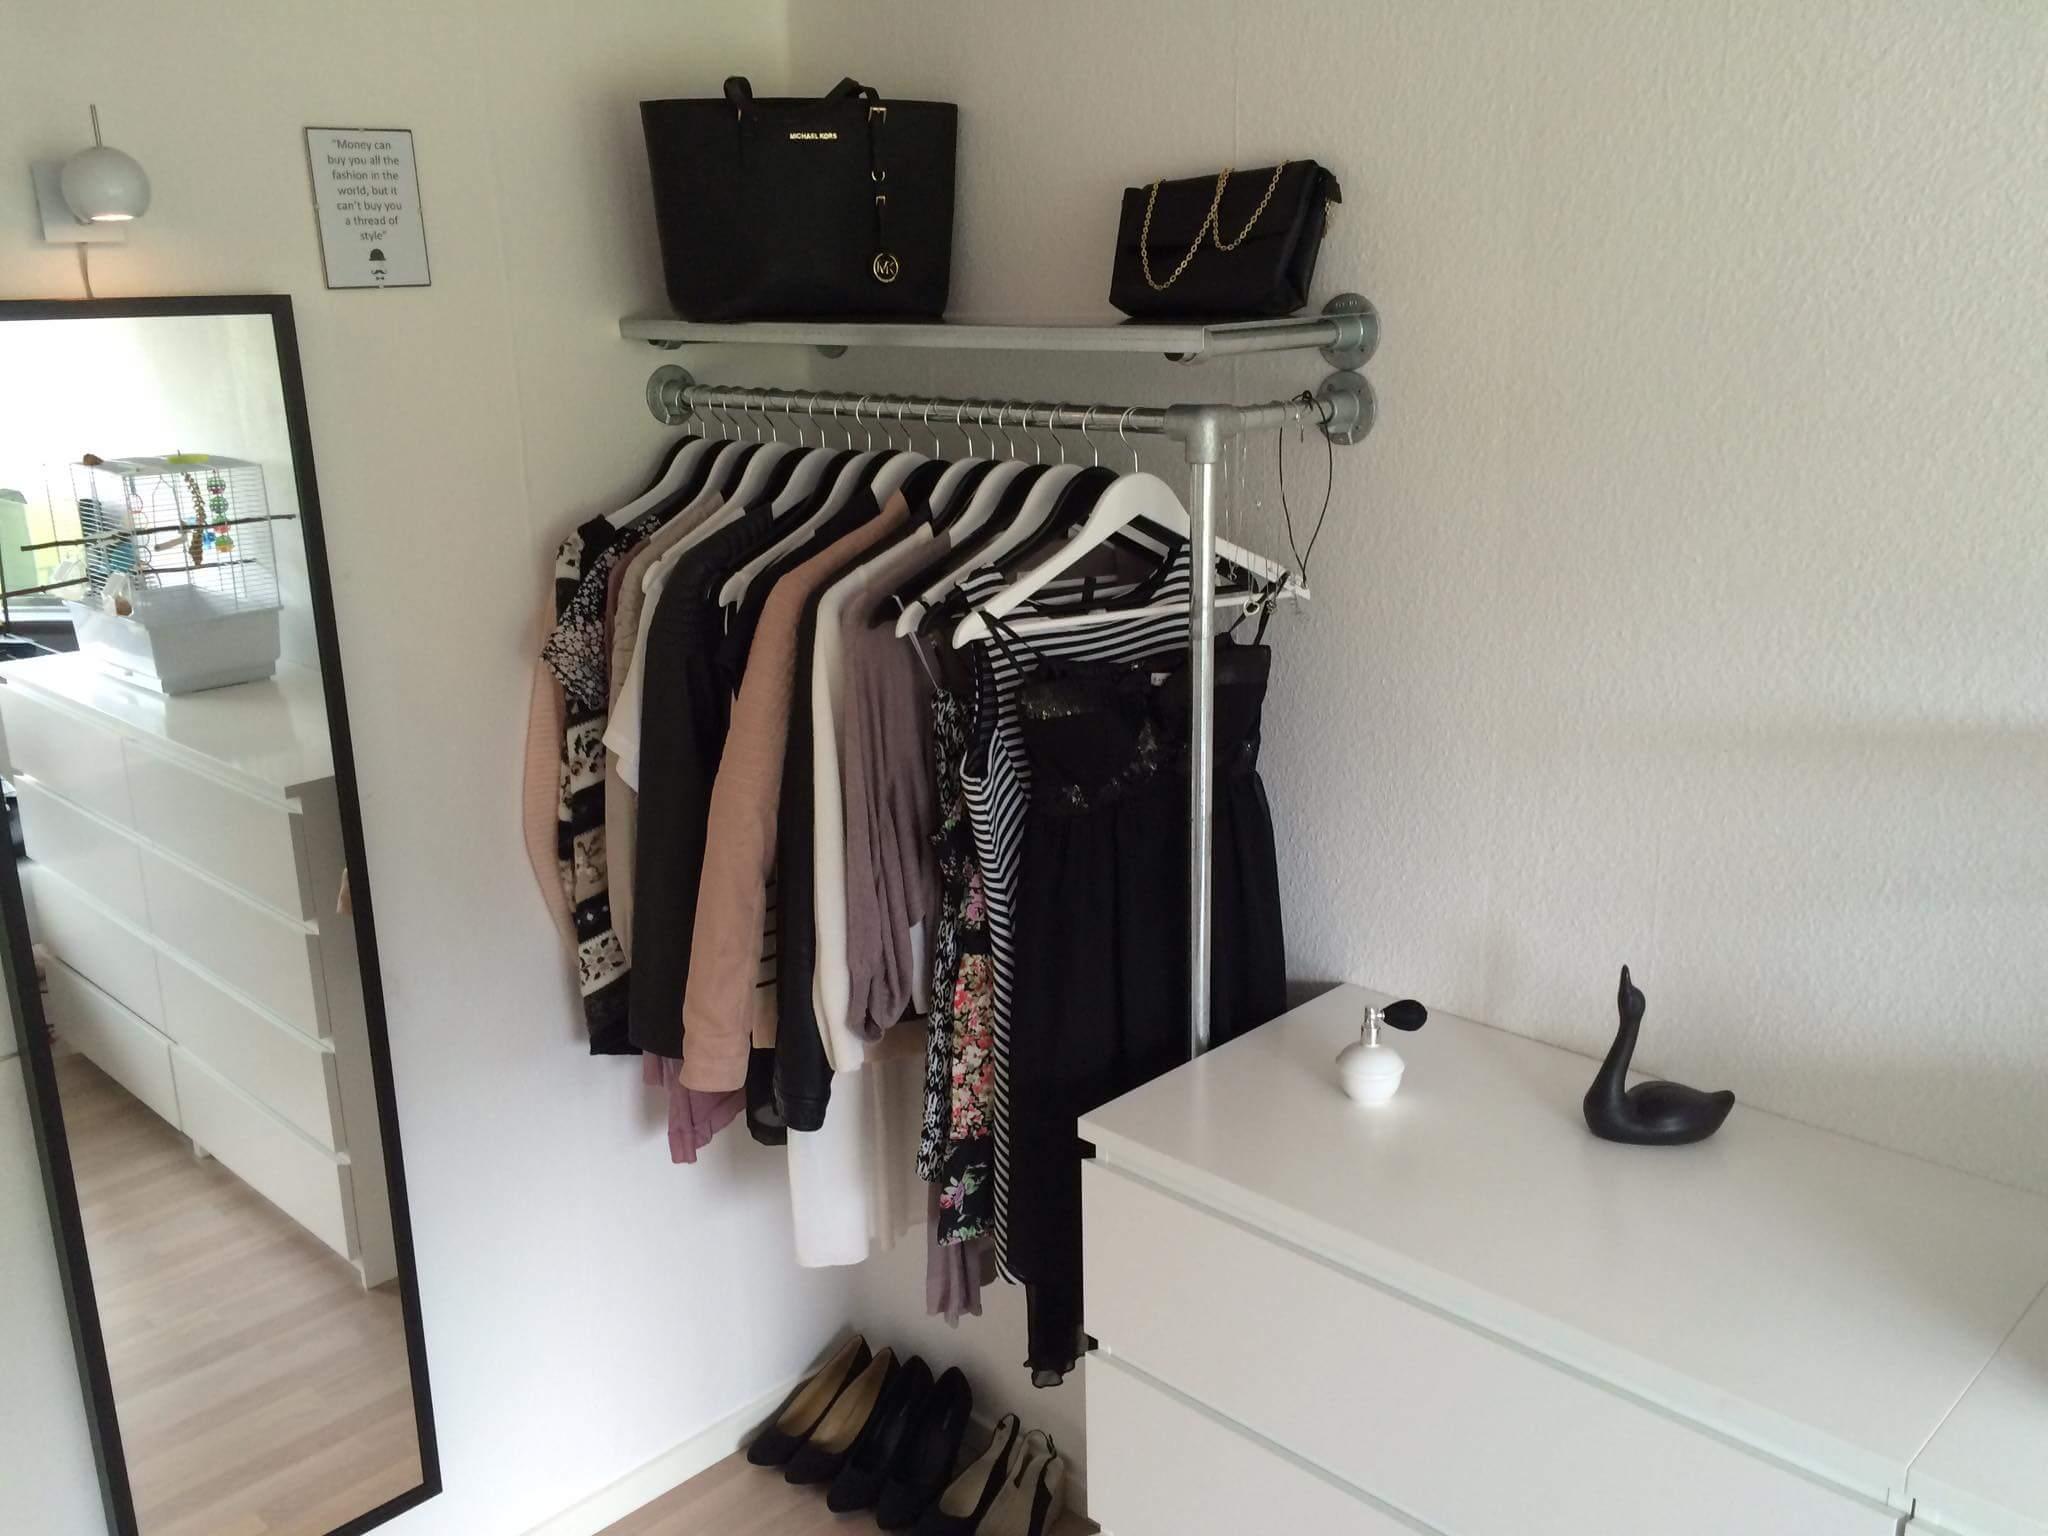 Clamps og fittings er her brugt til et bøjlestativ og taske hylde